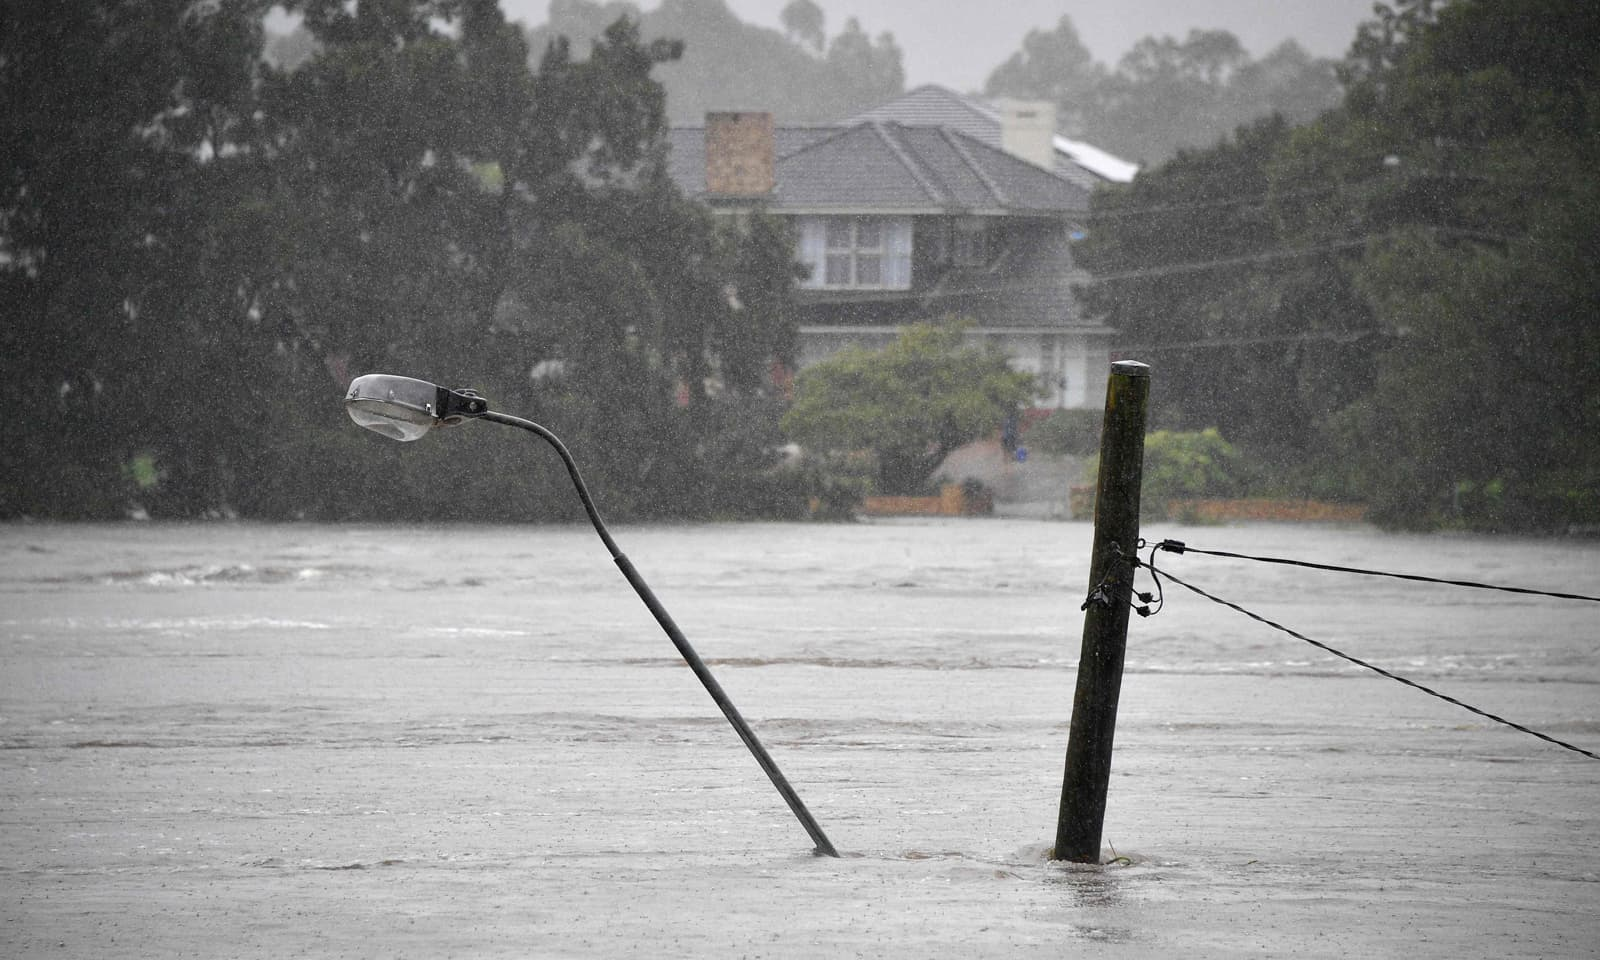 شدید بارشوں اور سیلاب کی وجہ سے کئی مقامات پر بجلی کے کھمبے تک پانی میں ڈوب گئے — اے ایف پی